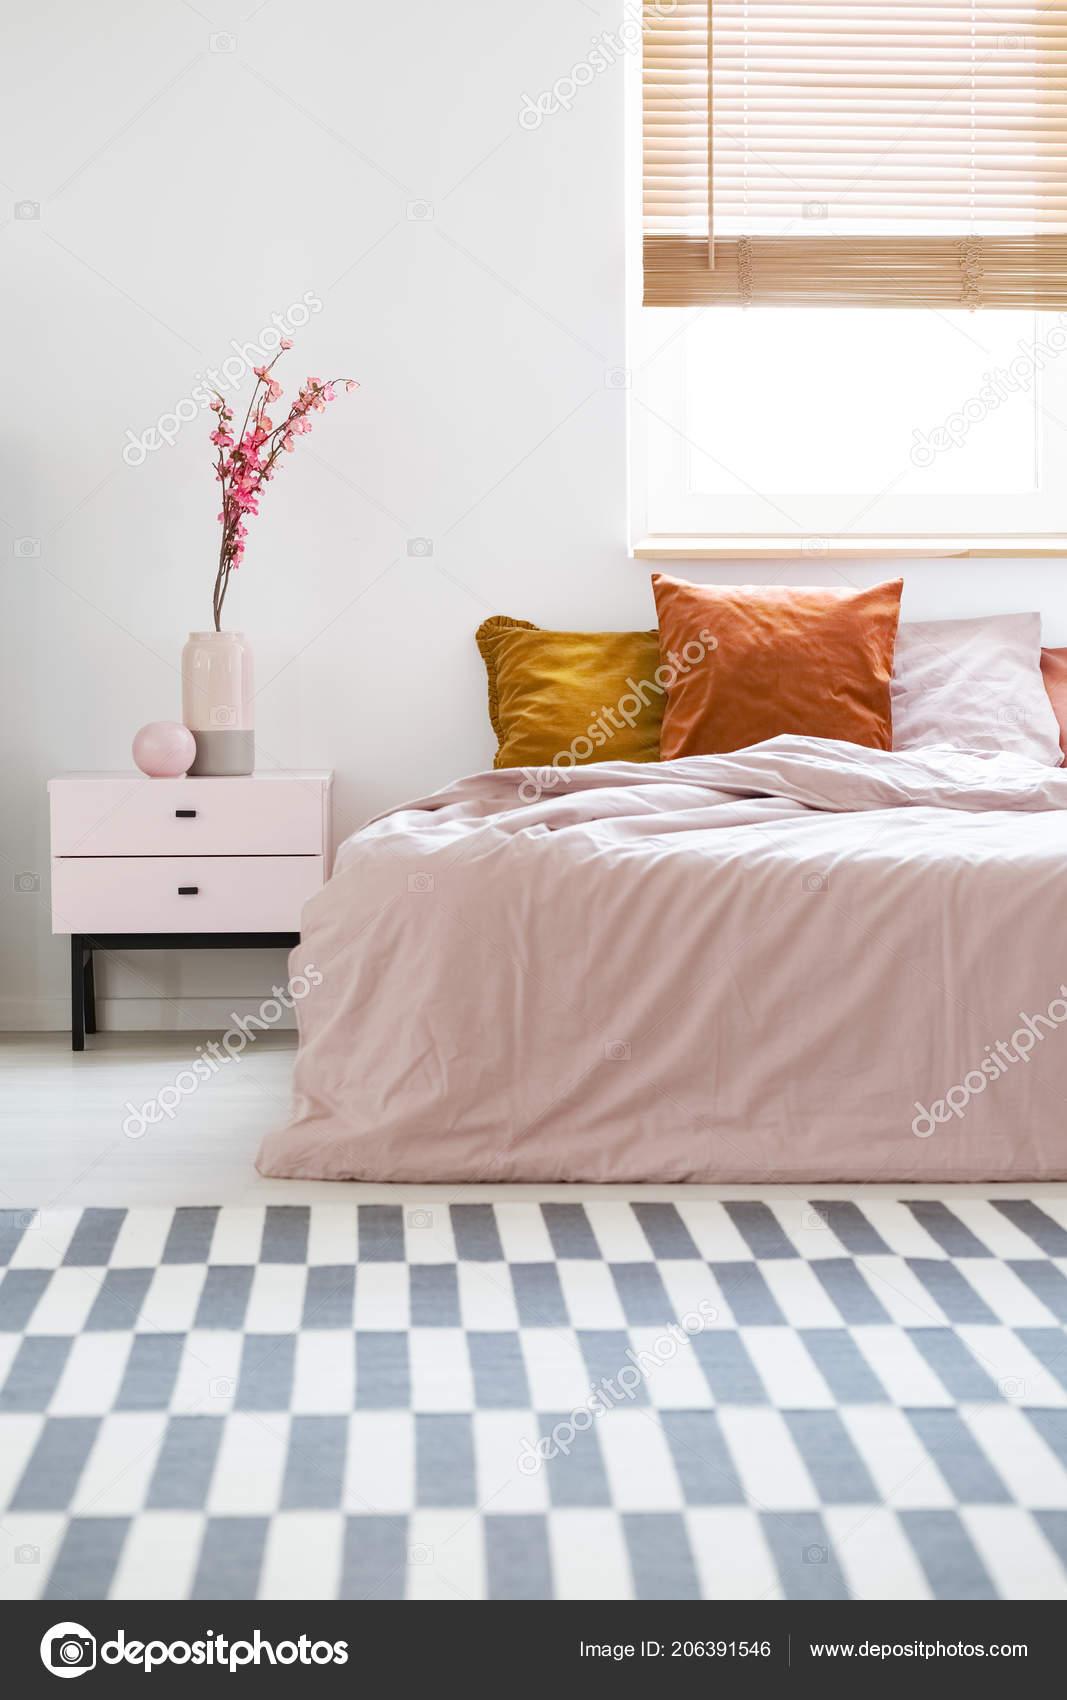 Lit Avec Des Draps Roses Coussins Orange Permanent Intérieur Chambre ...